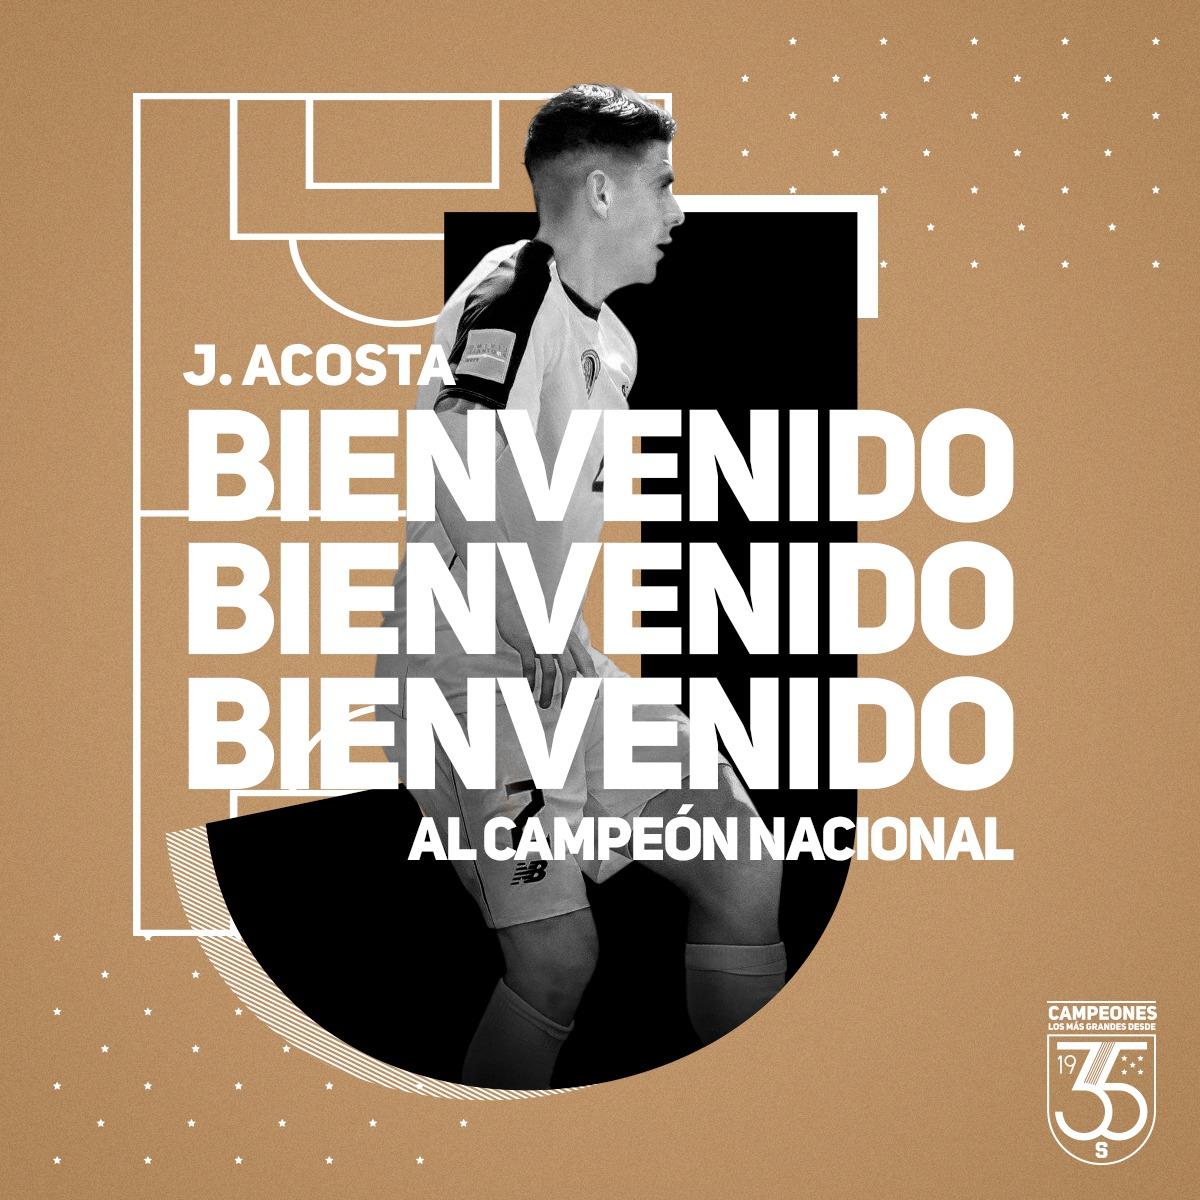 Johnny Acosta fue anunciado como nuevo refuerzo del Saprissa para el Torneo Apertura 2020.